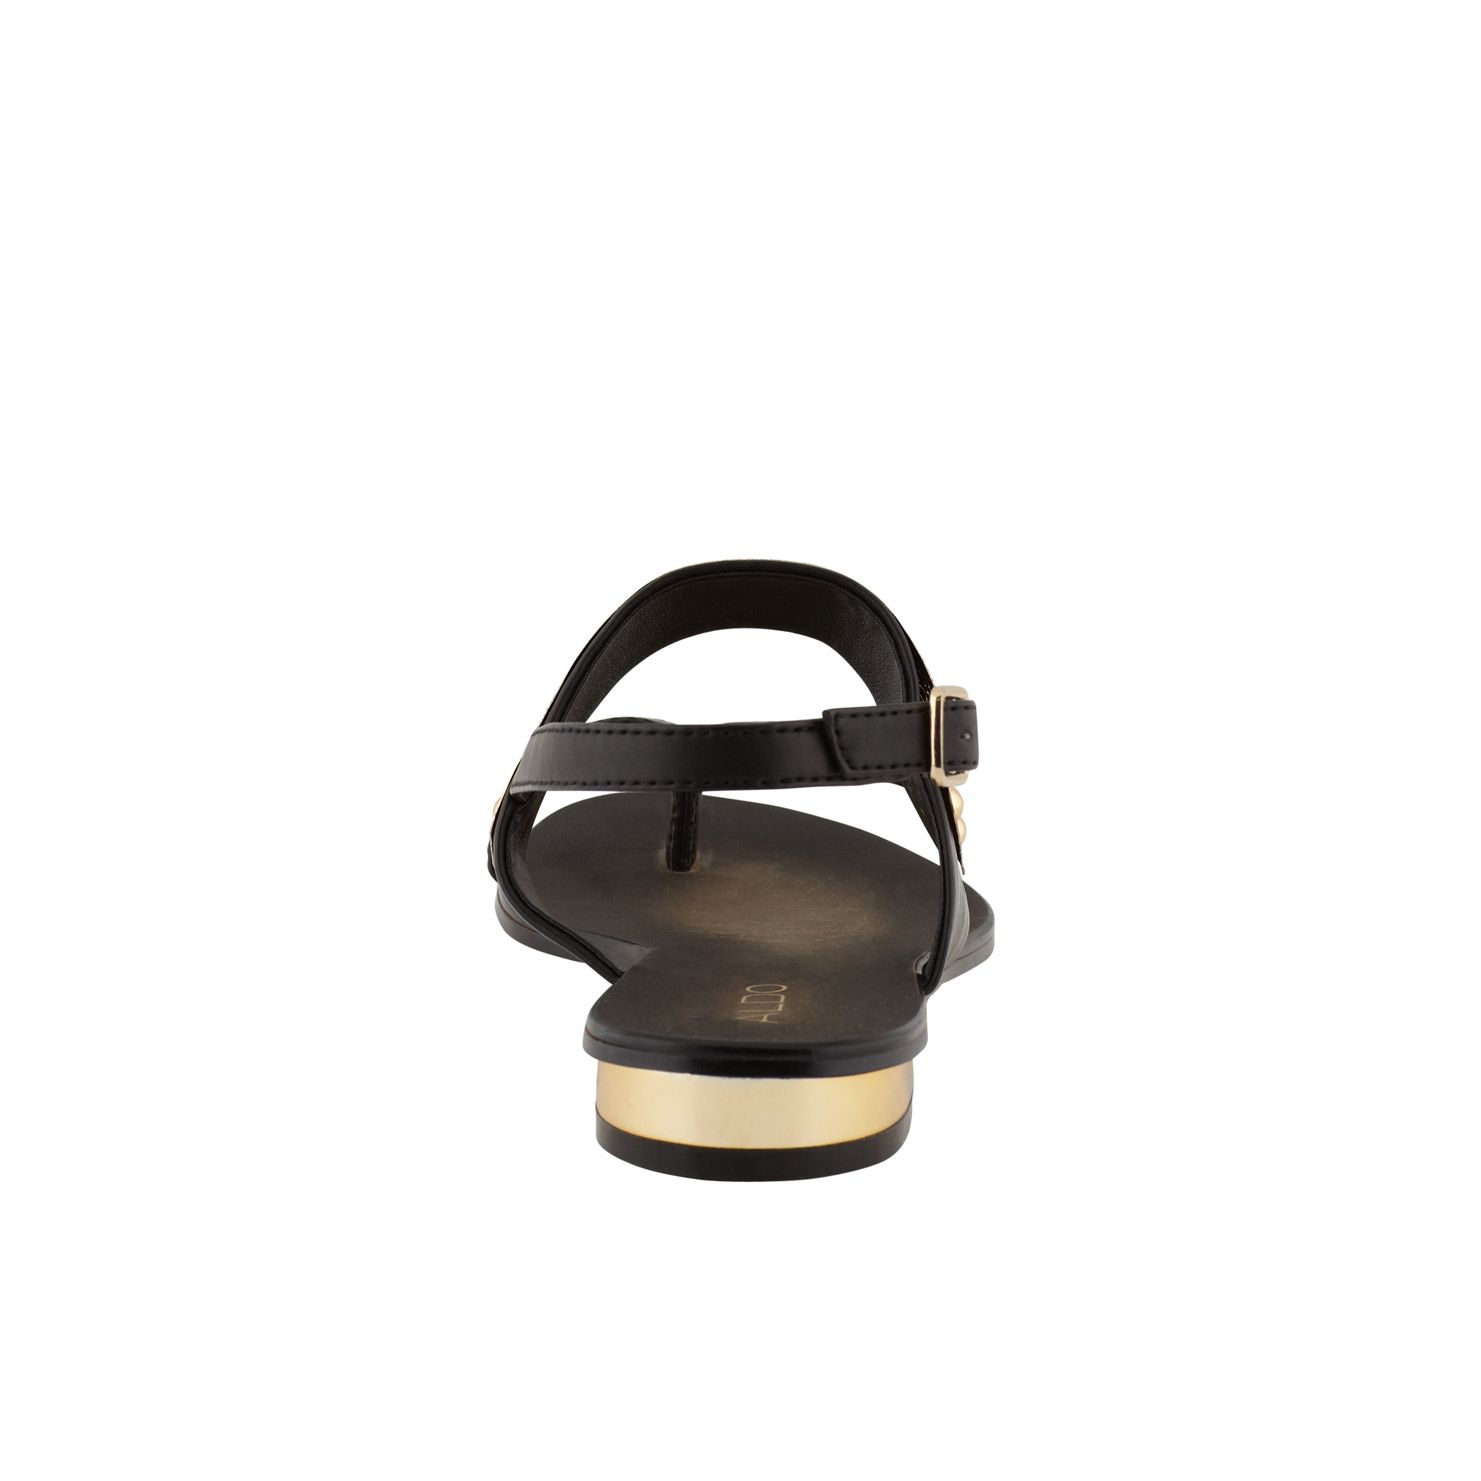 Dolea Gold Plate Detail Sandals